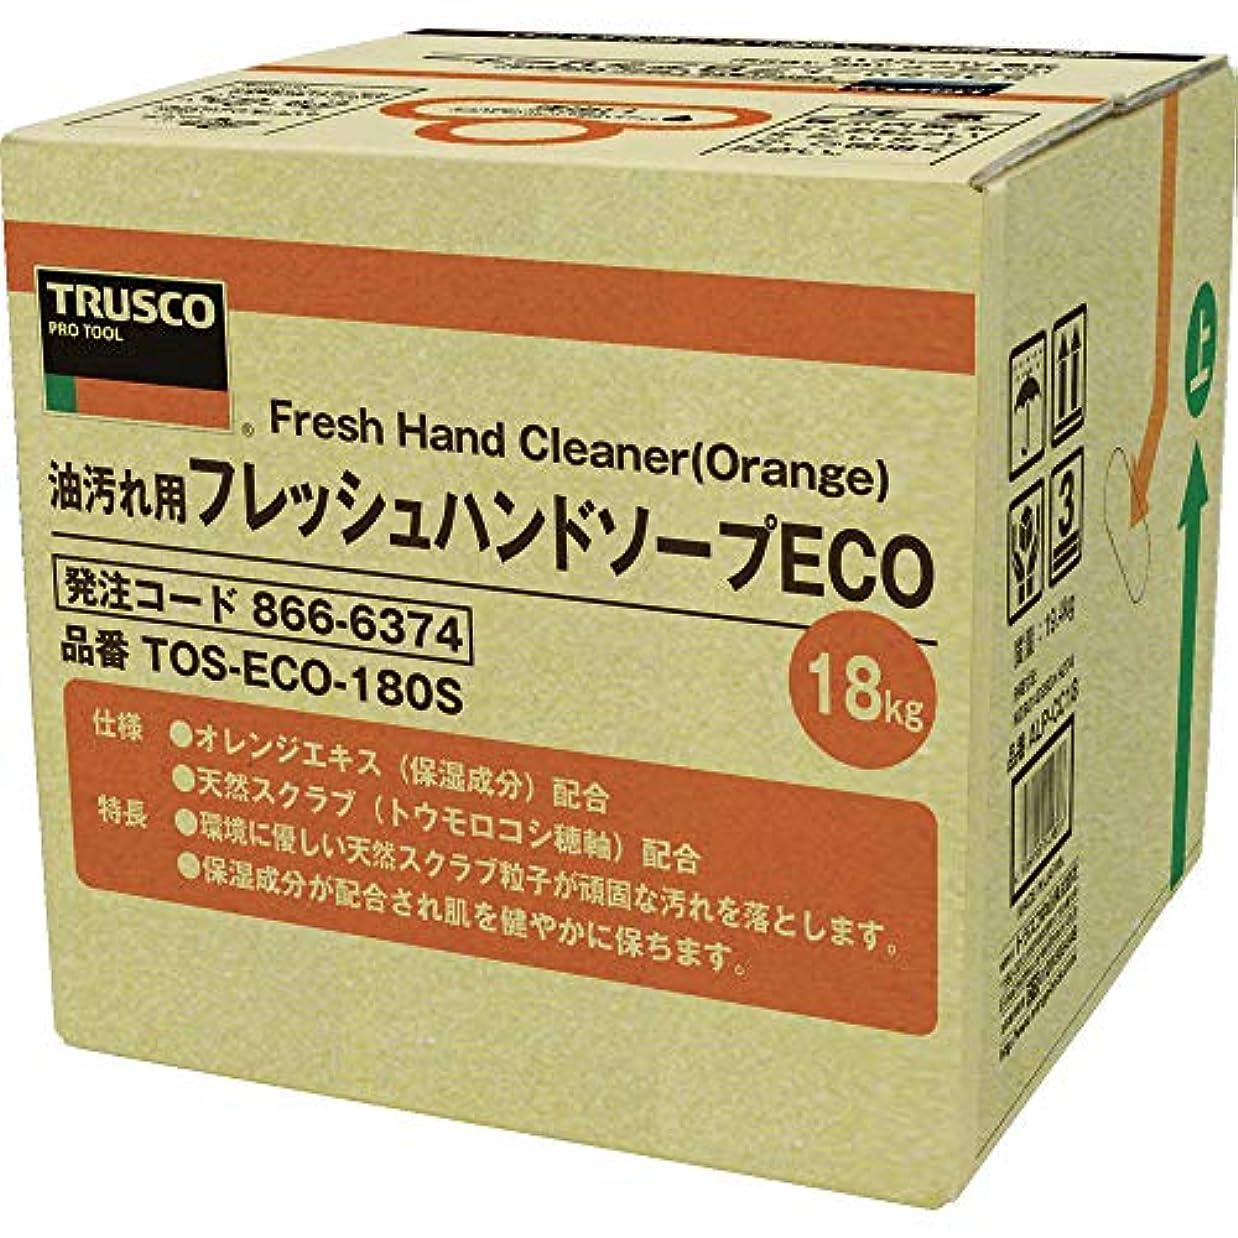 変動するデンプシージーンズTRUSCO(トラスコ) フレッシュハンドソープECO 18L 詰替 バッグインボックス TOSECO180S